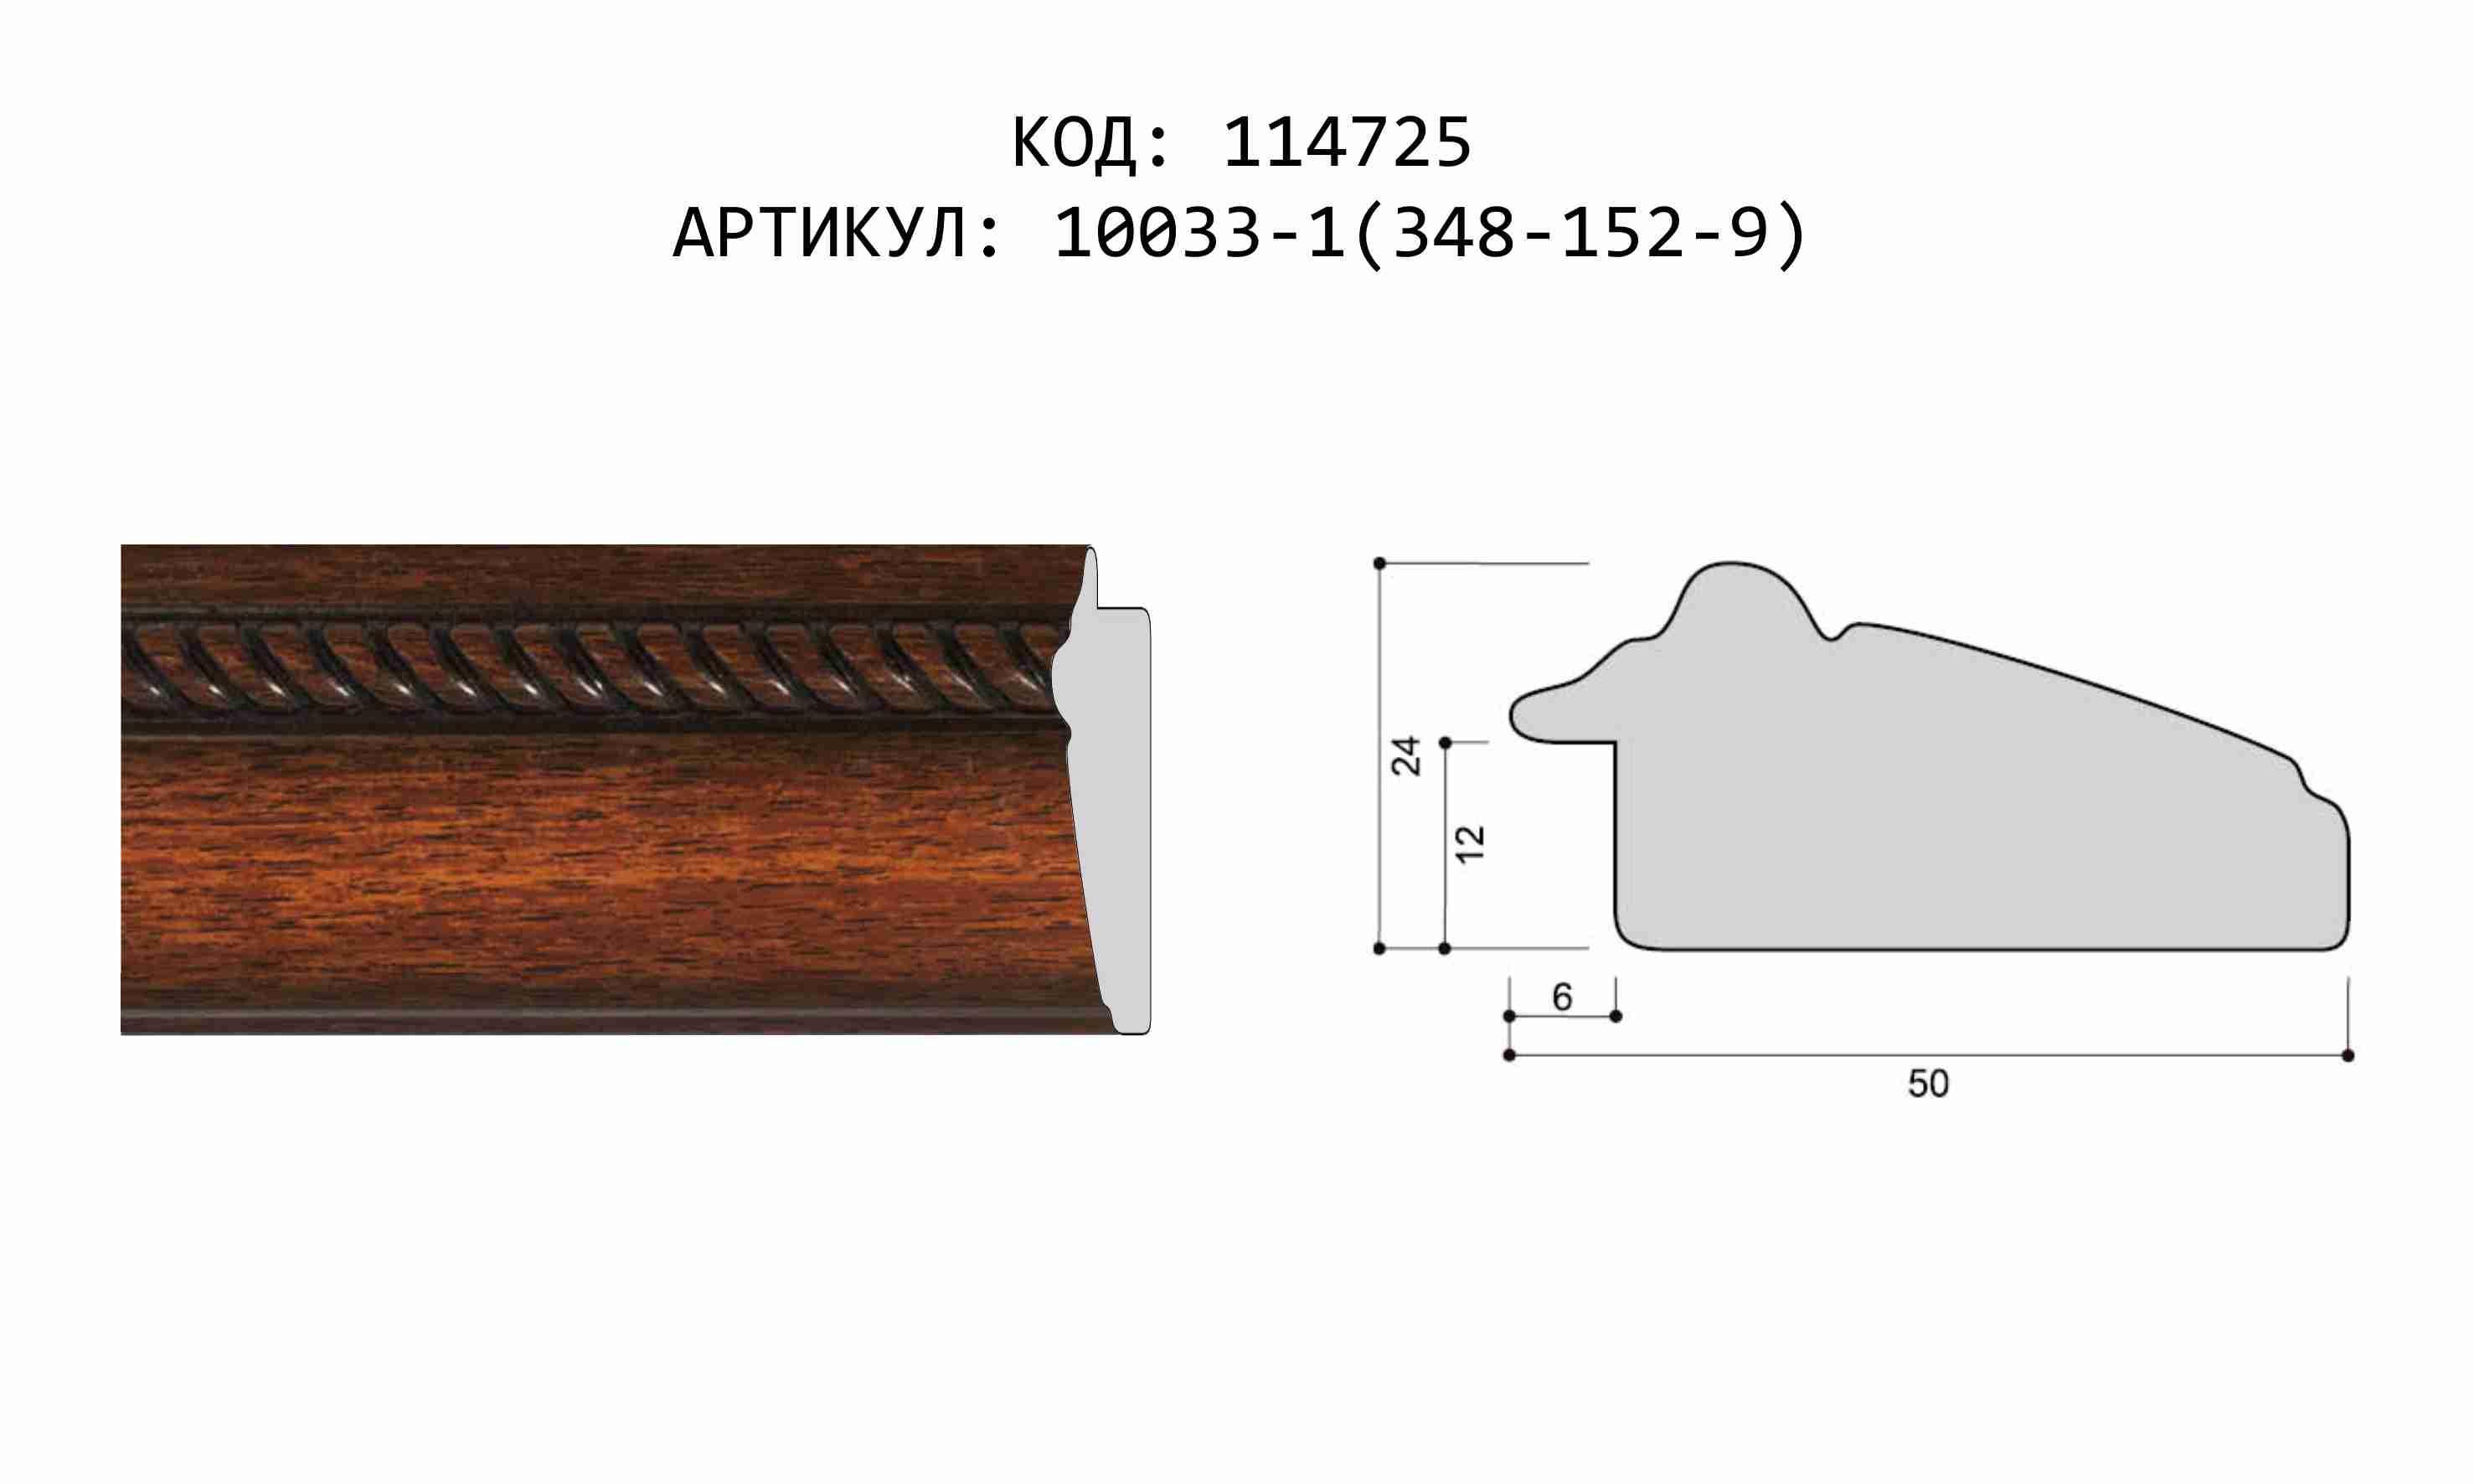 Артикул: 10033-1(348-152-9)